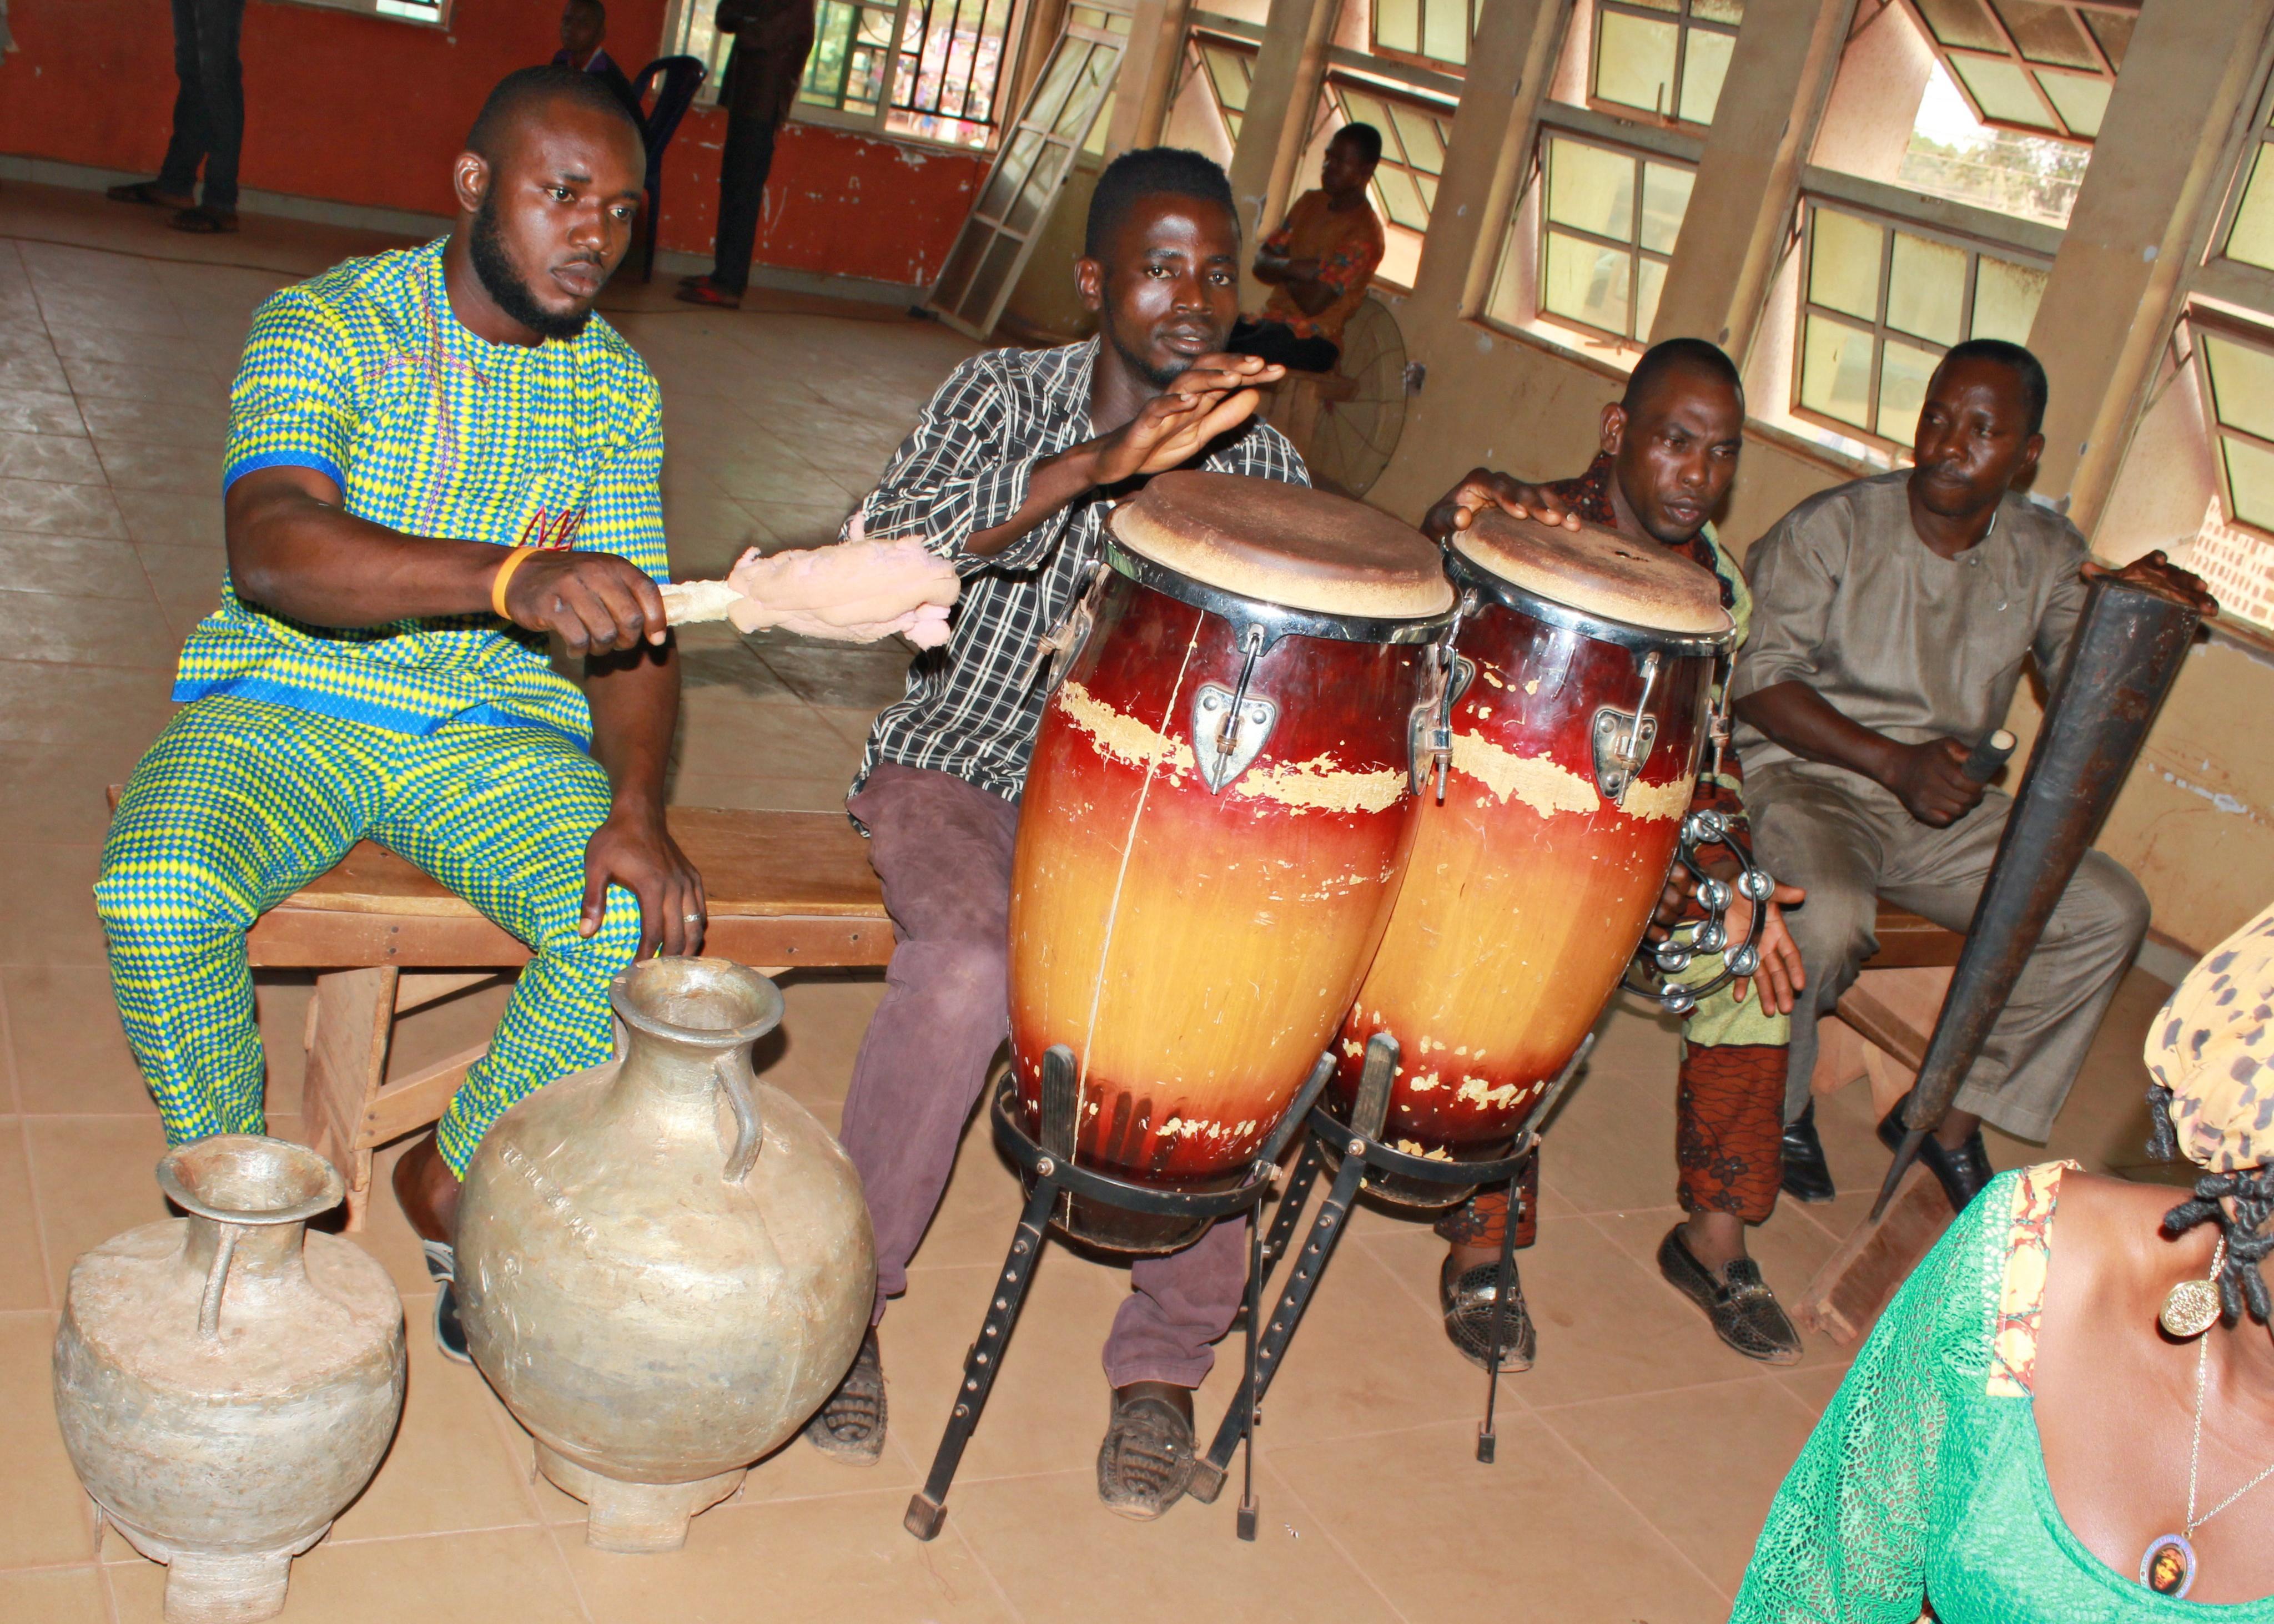 File:Church Choir Band - Igbo Tribe - Nike - Enugu State